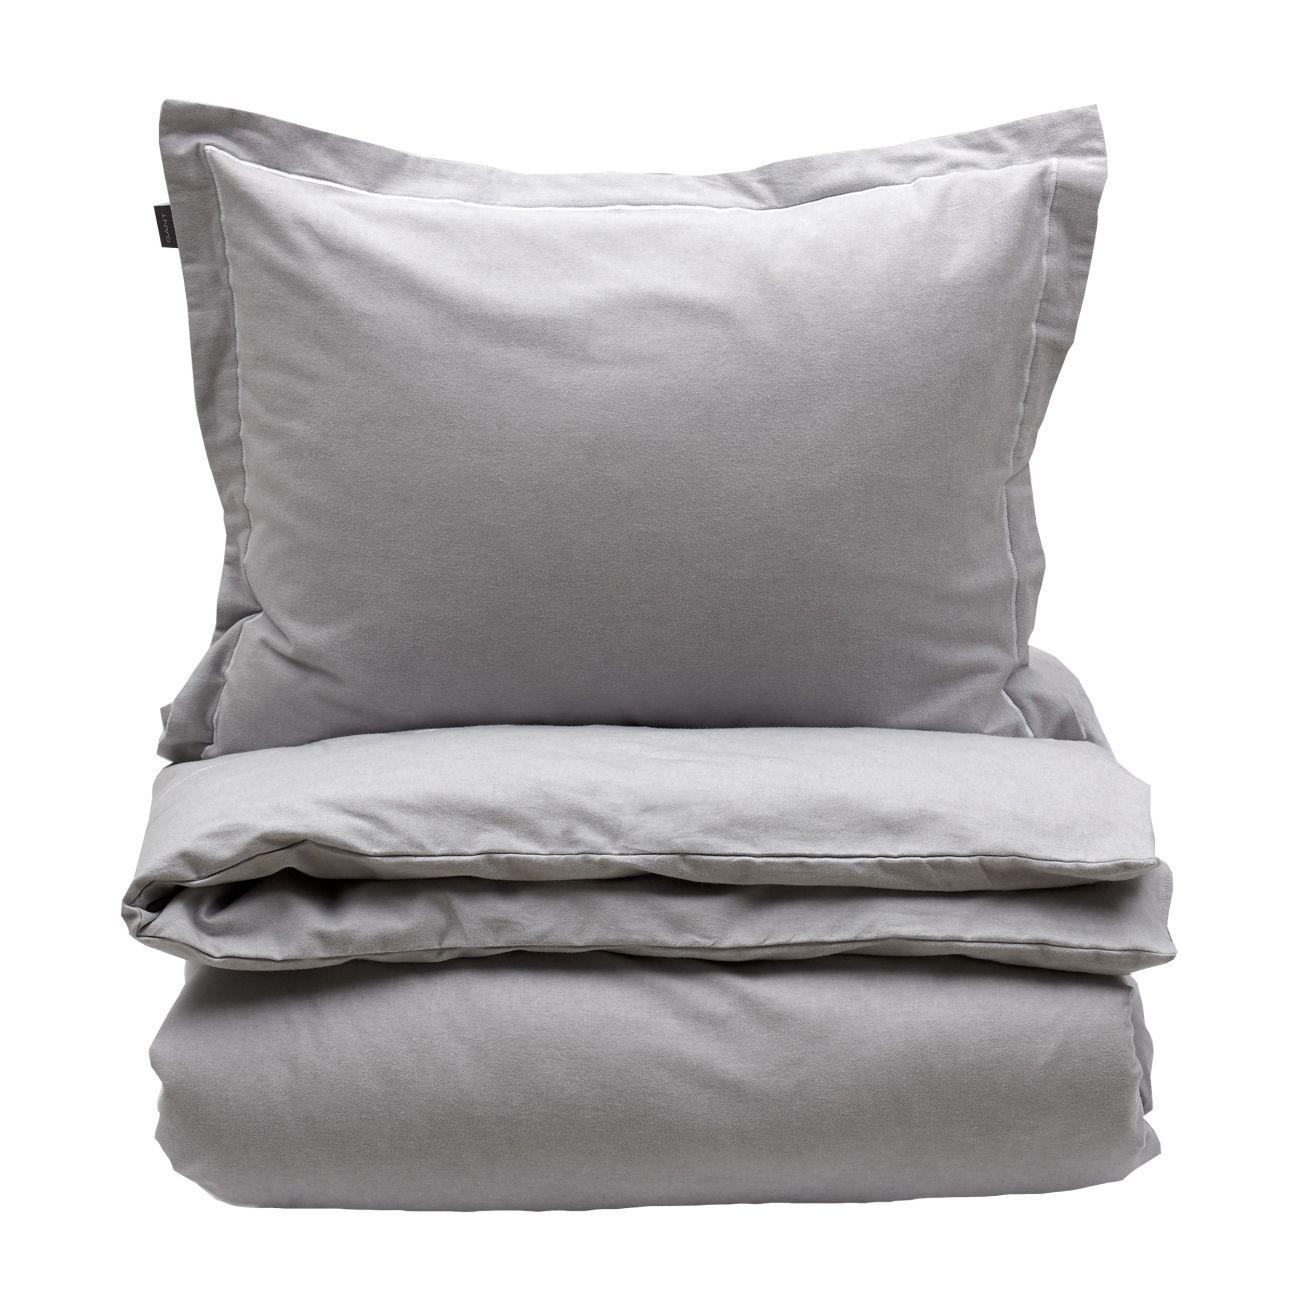 gant home flannel chambrey double duvet bettdeckenbezug online kaufen bei woonio. Black Bedroom Furniture Sets. Home Design Ideas